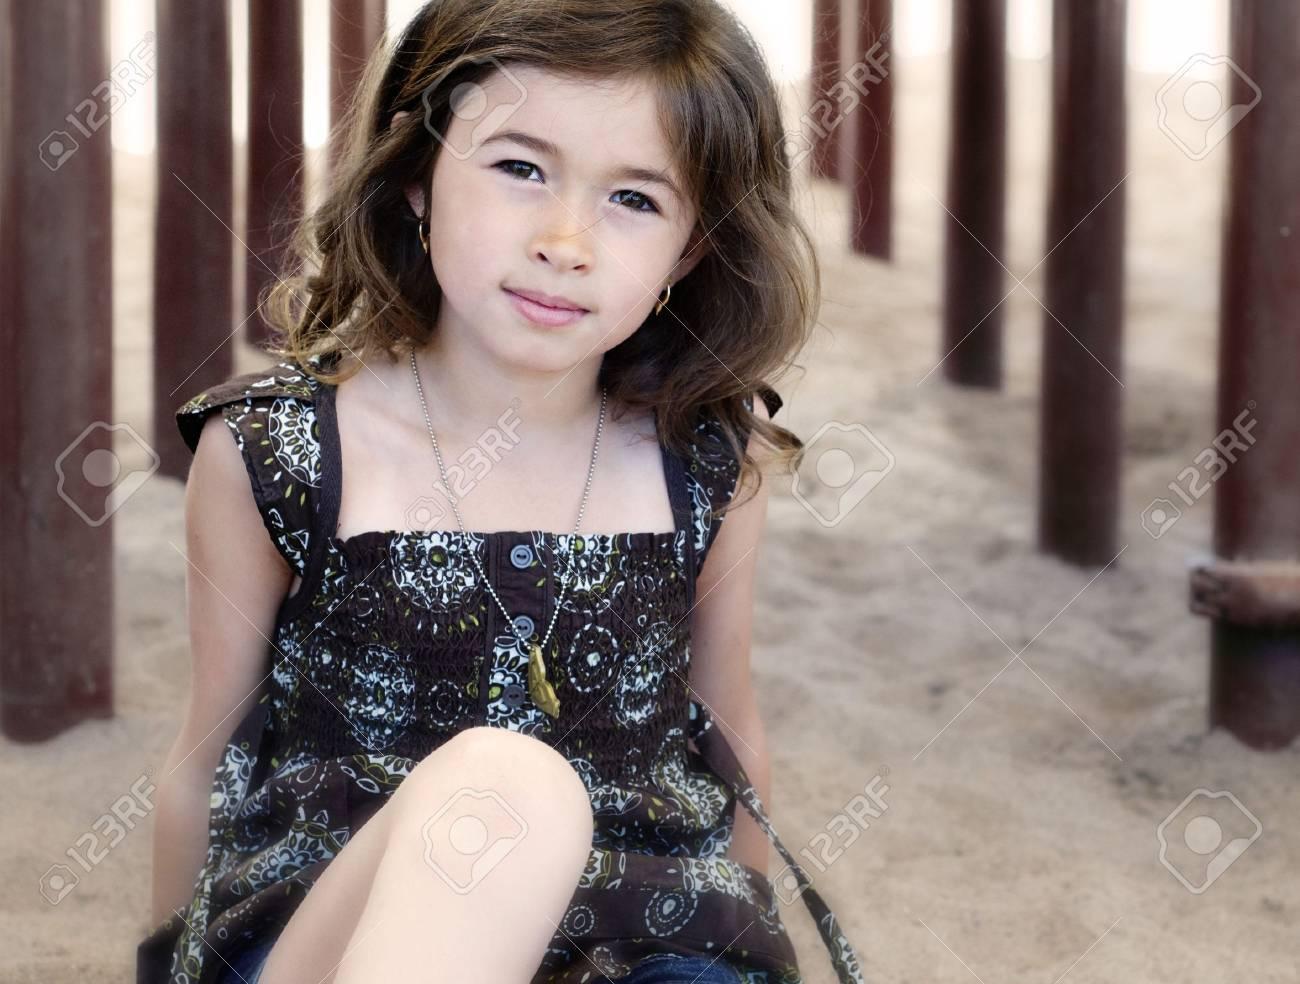 Portrait of a pretty girl Stock Photo - 5226008